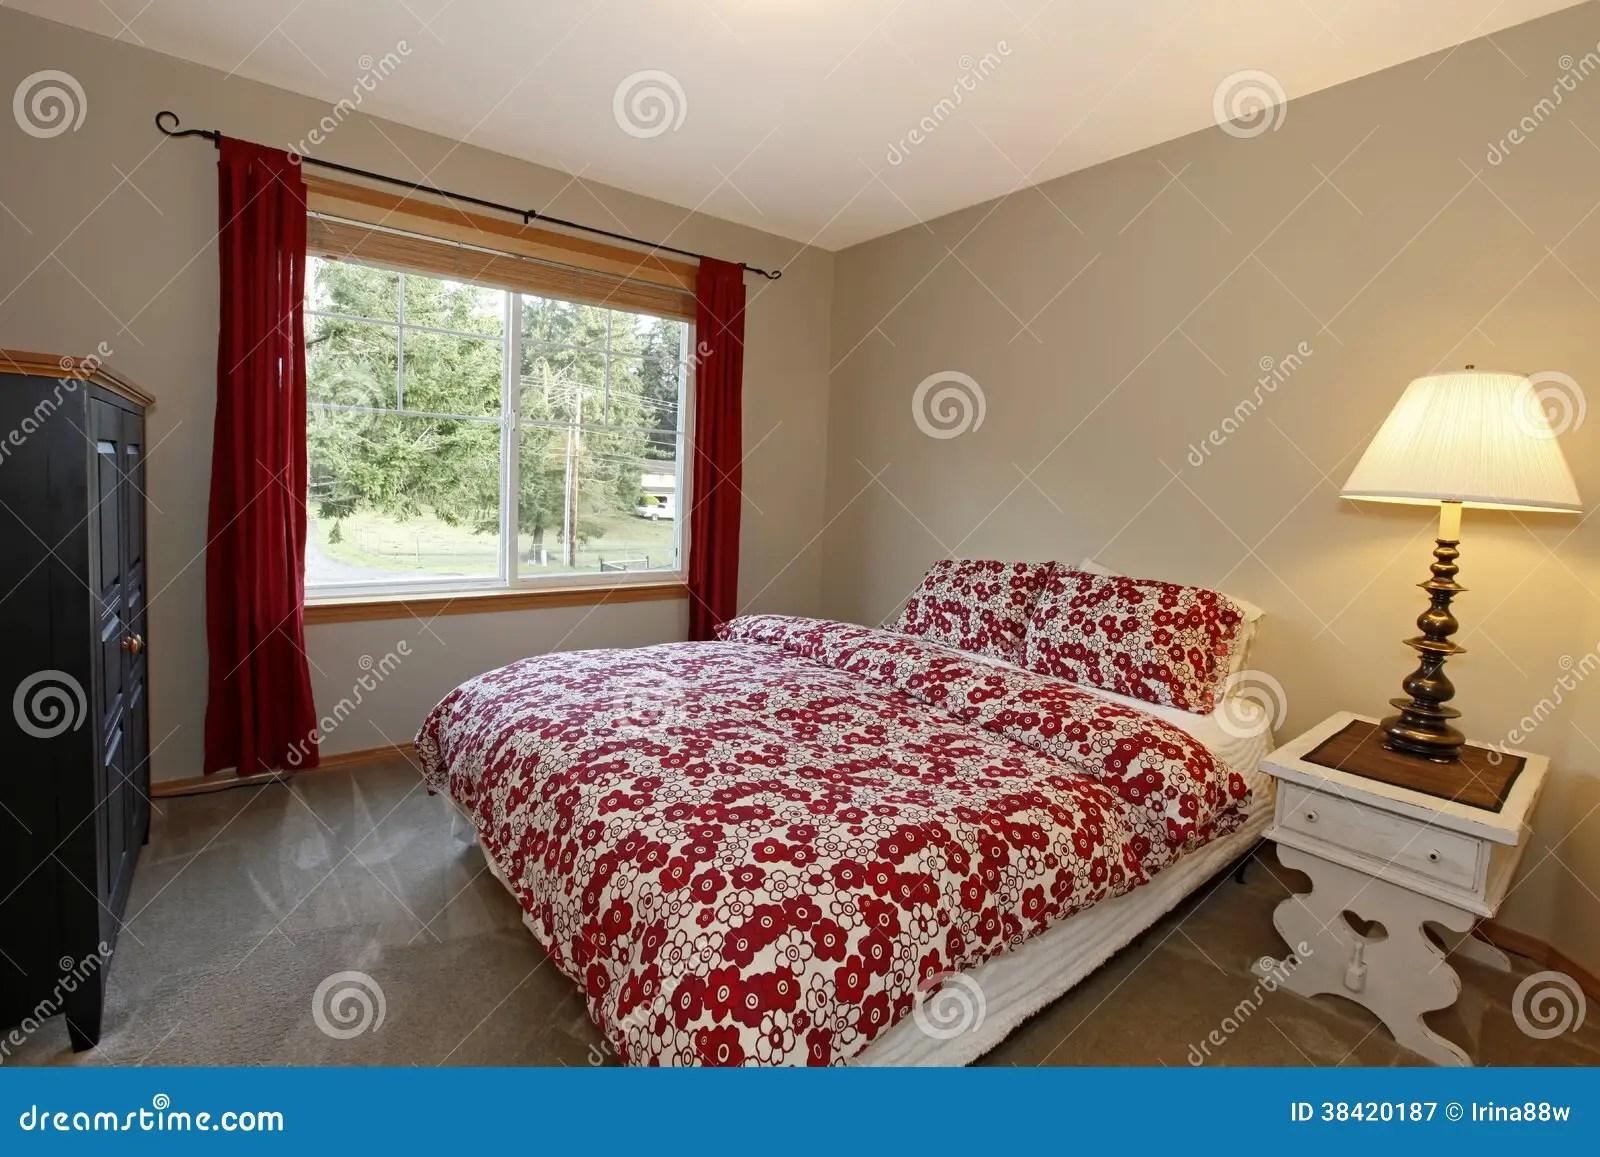 Pareti Camera Da Letto Rossa : Camera da letto pareti rosse camera da letto con le pareti blu